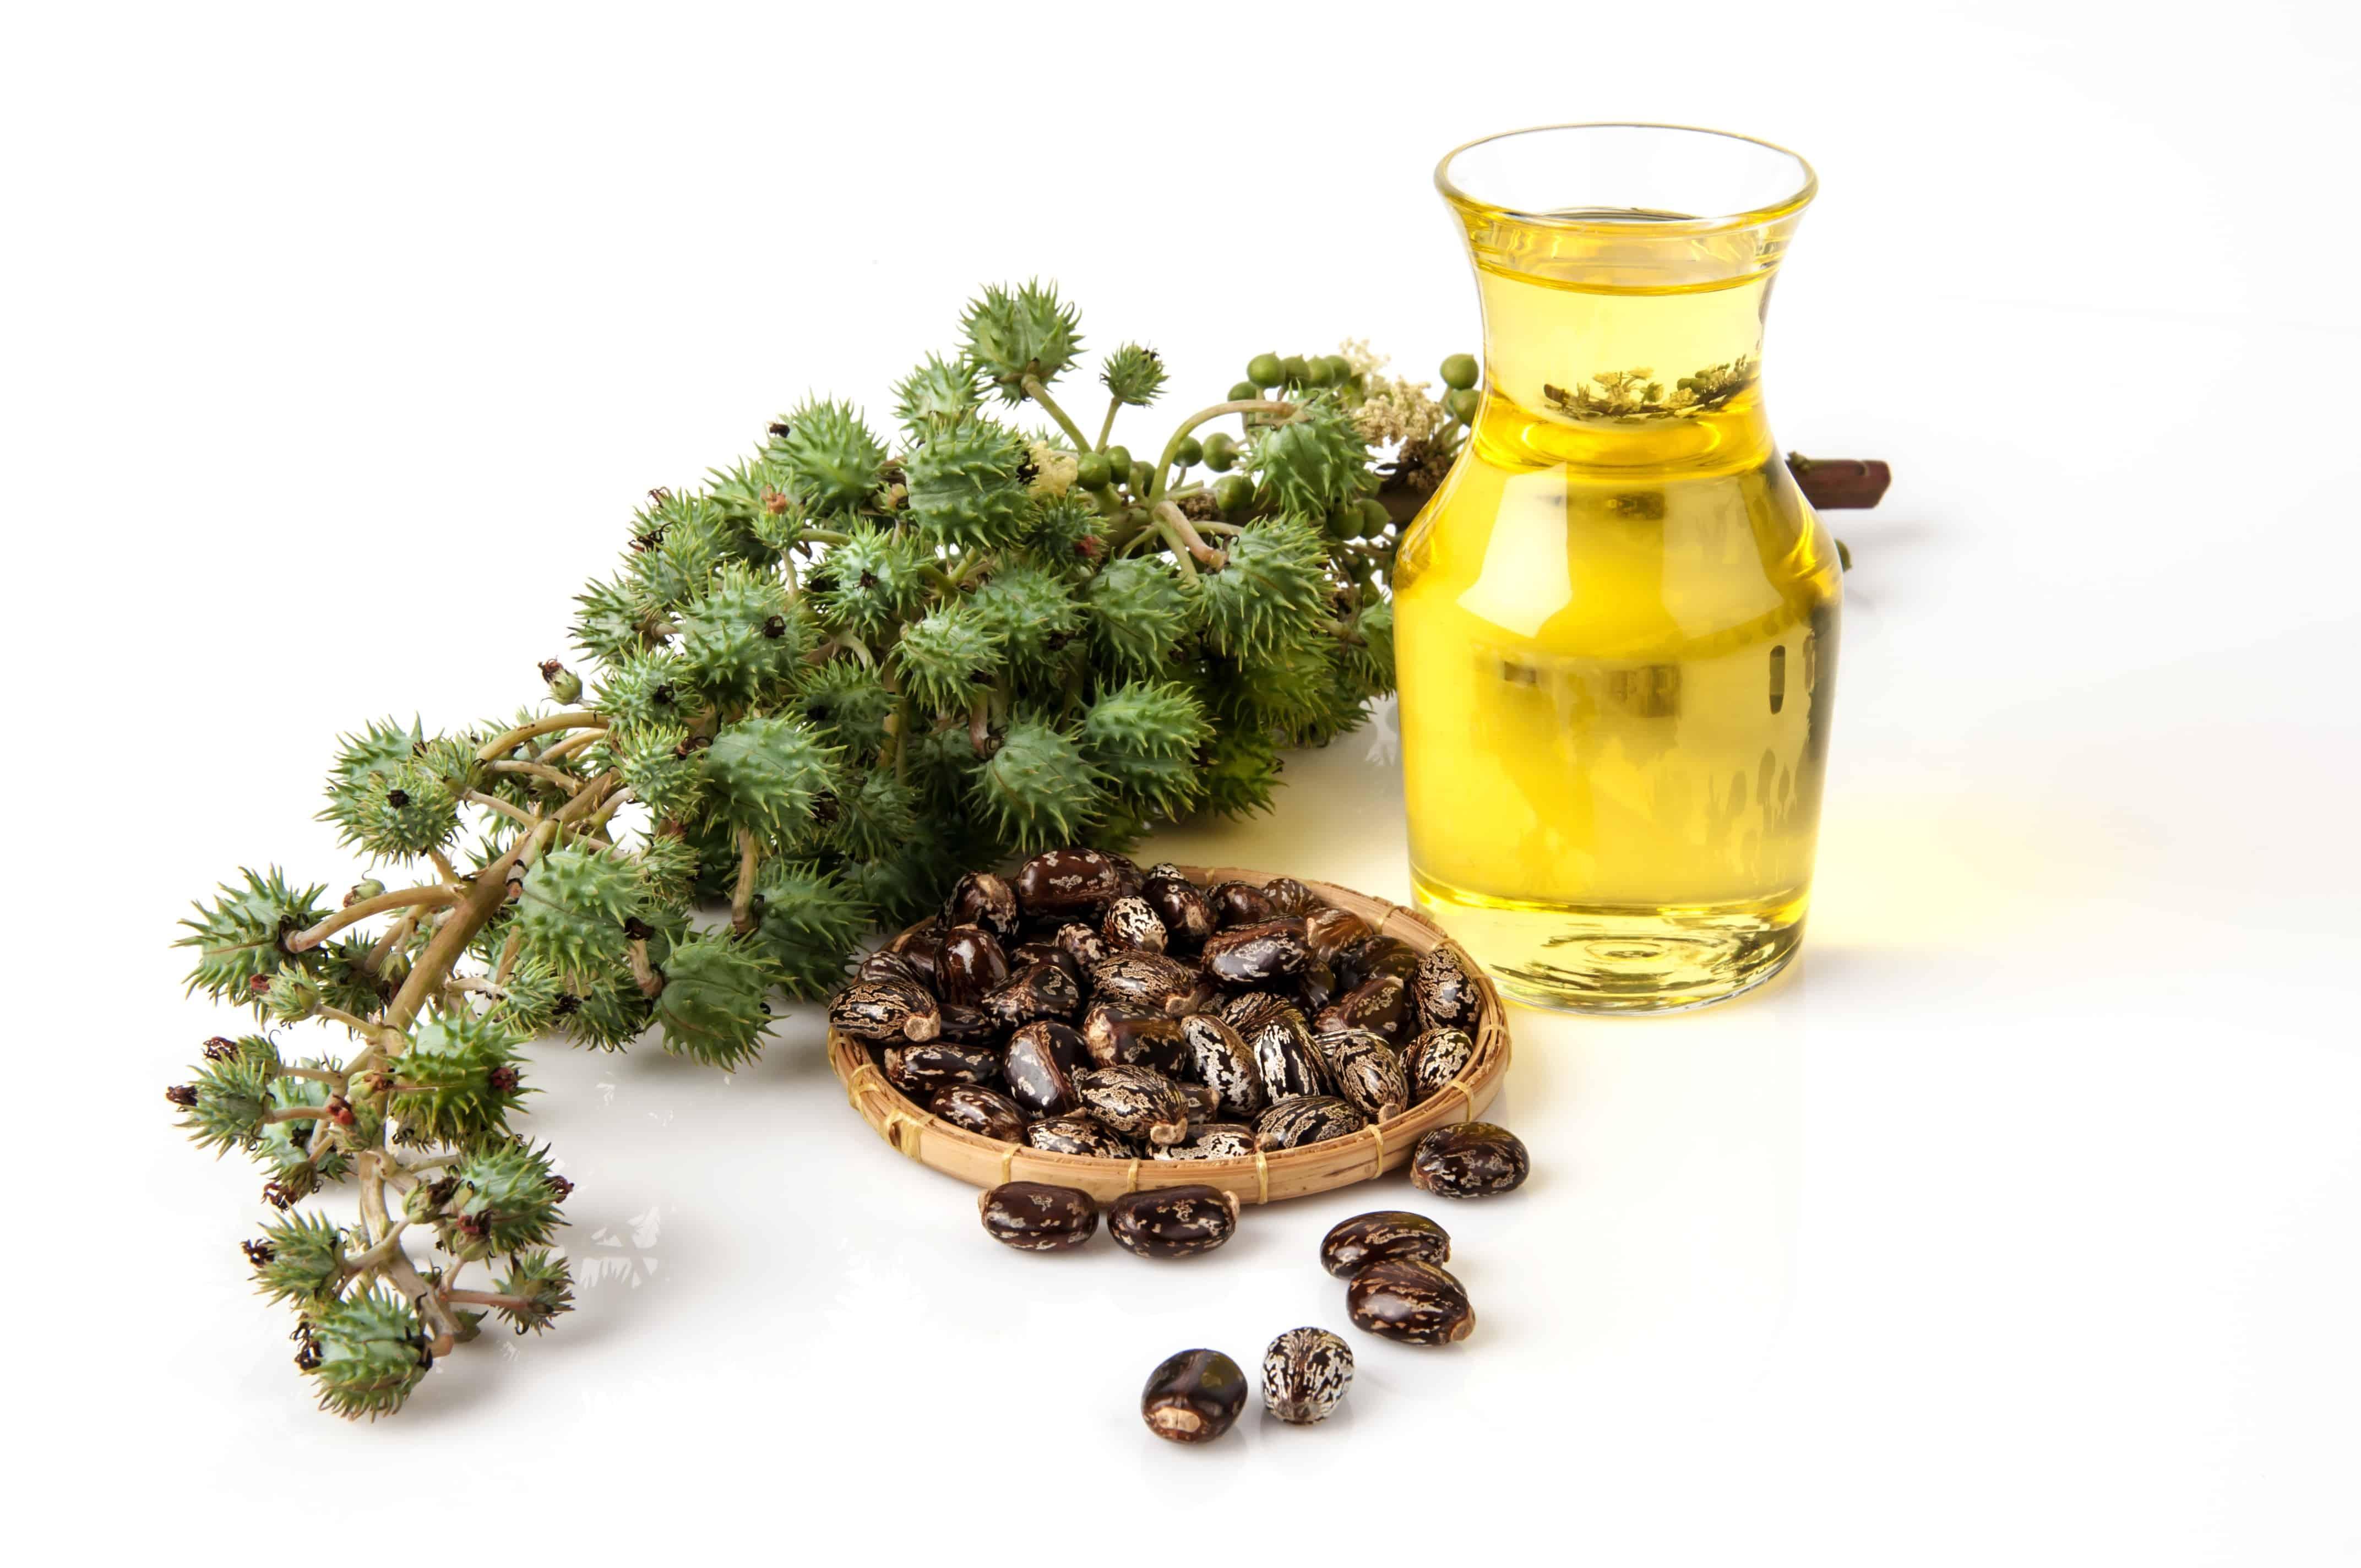 استخدامات غير معروفة لزيت الخروع.